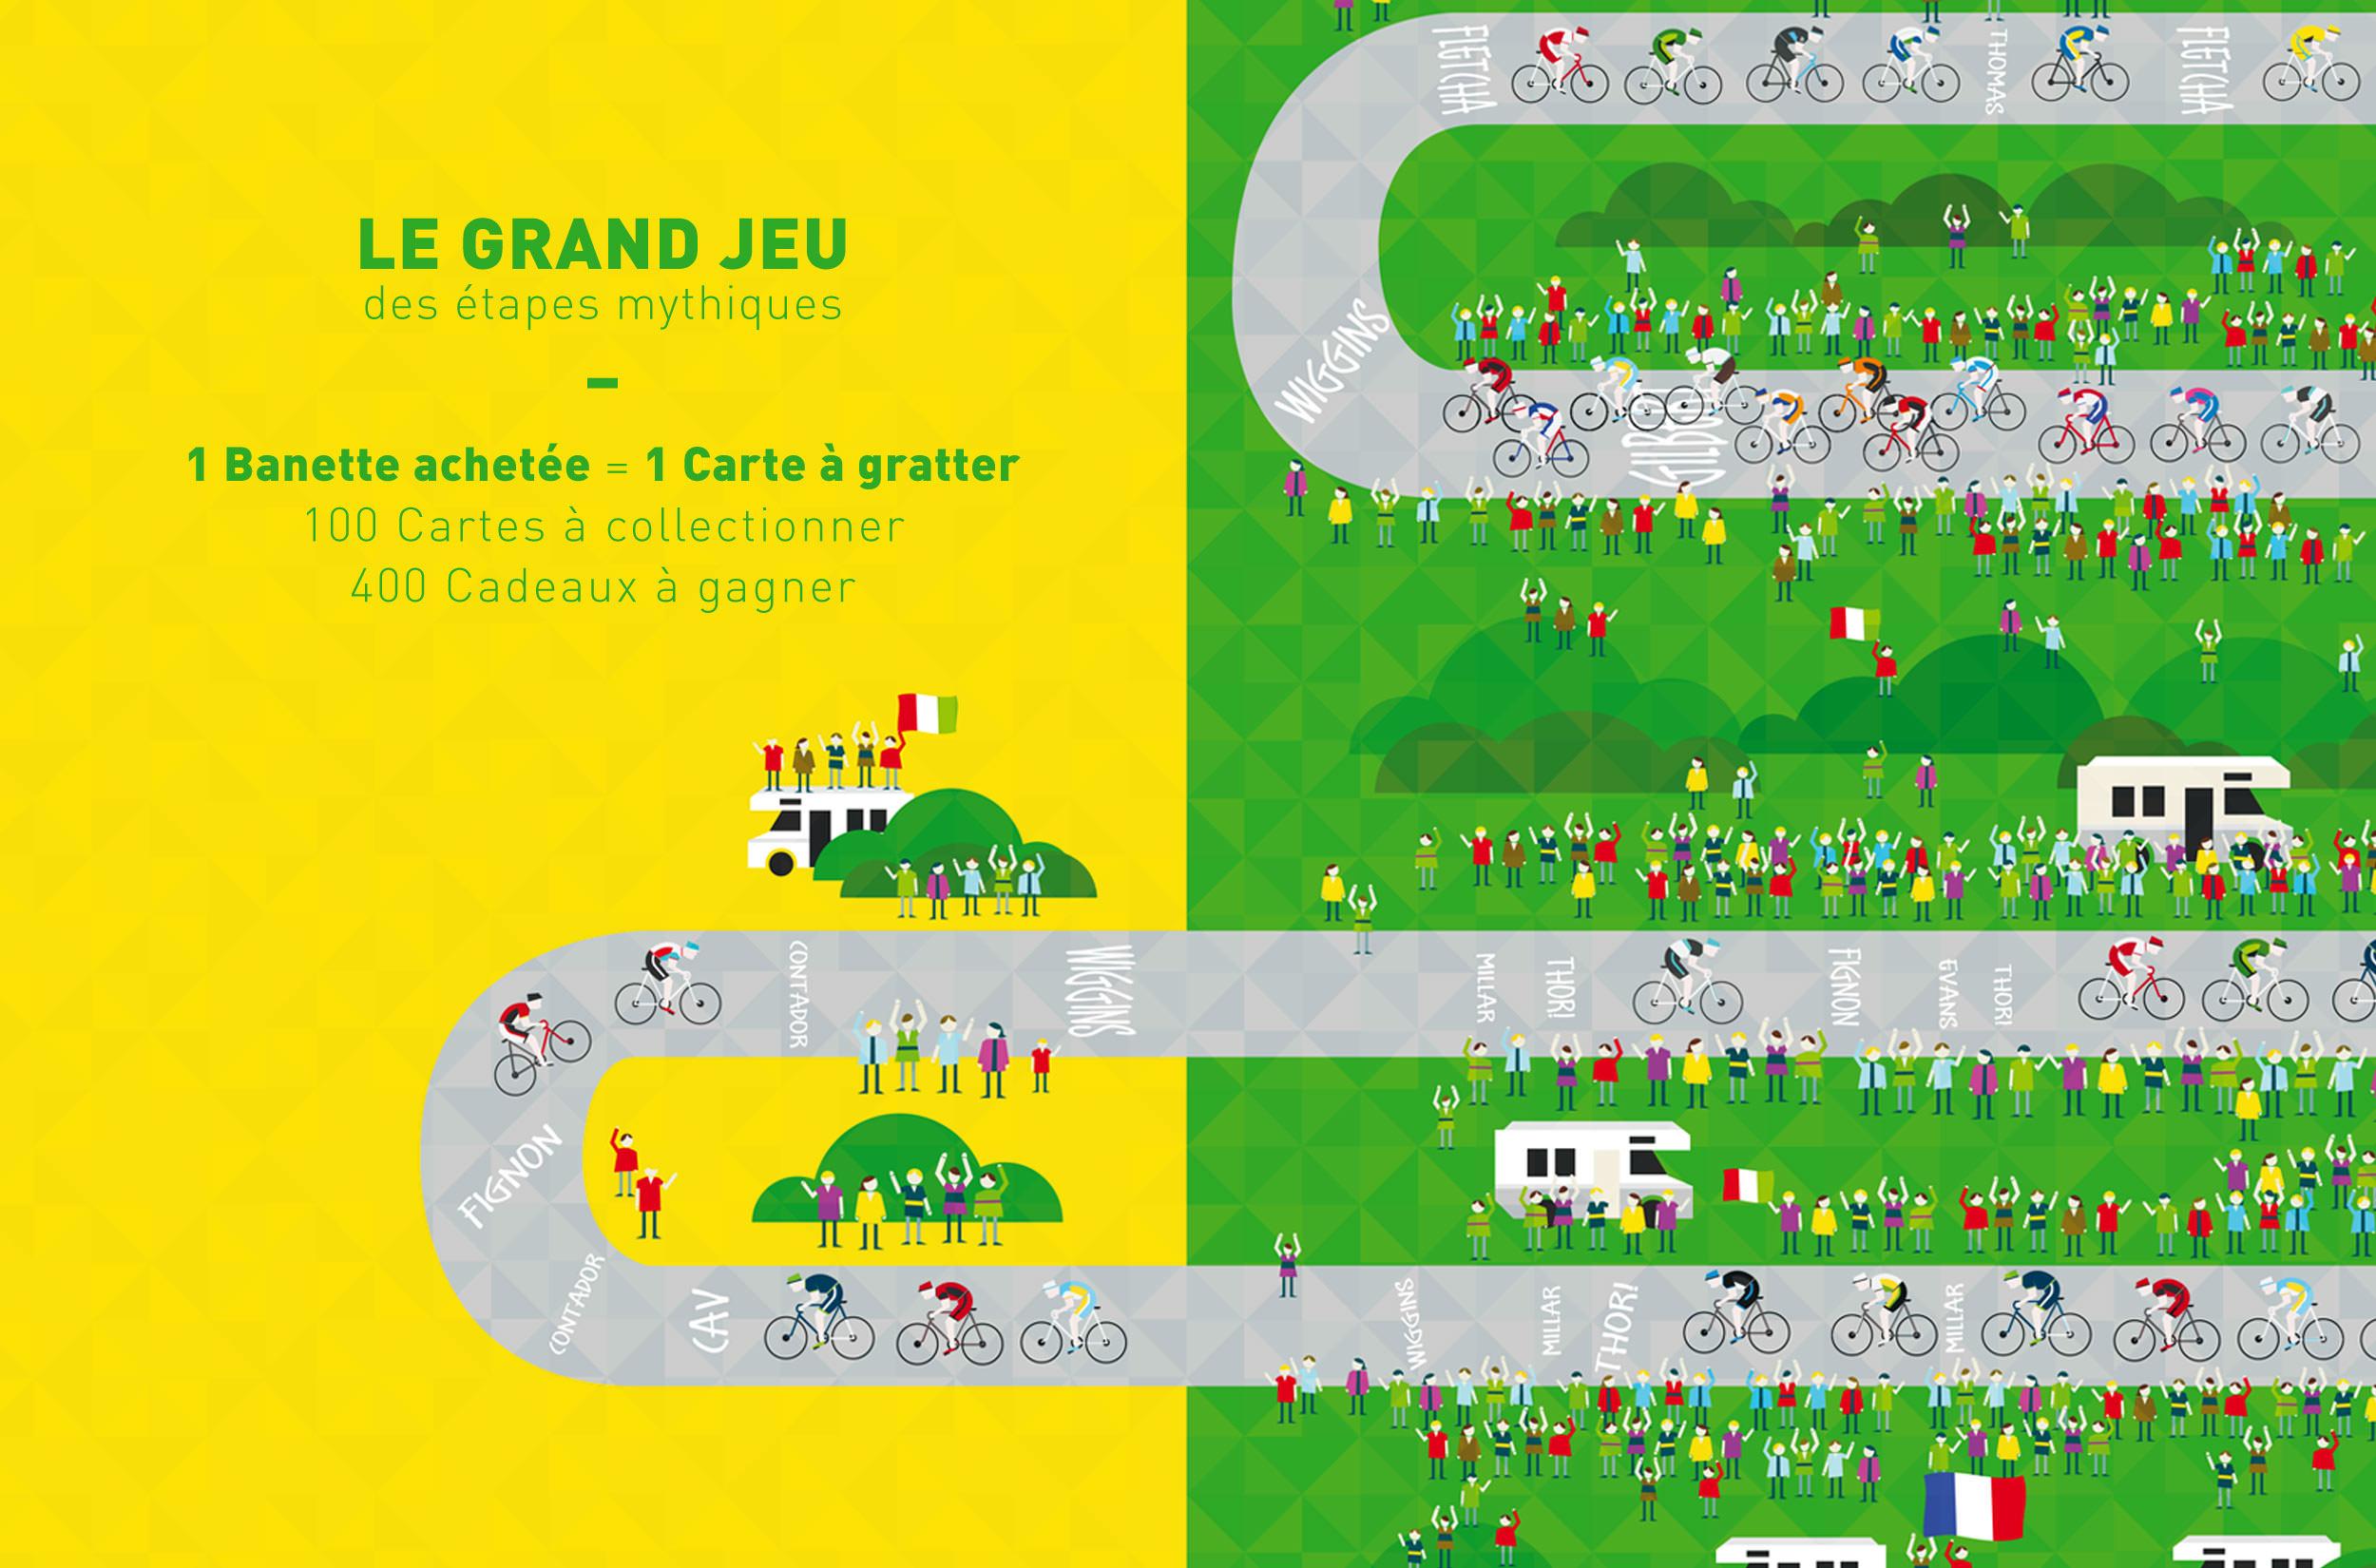 Tour de France - 1